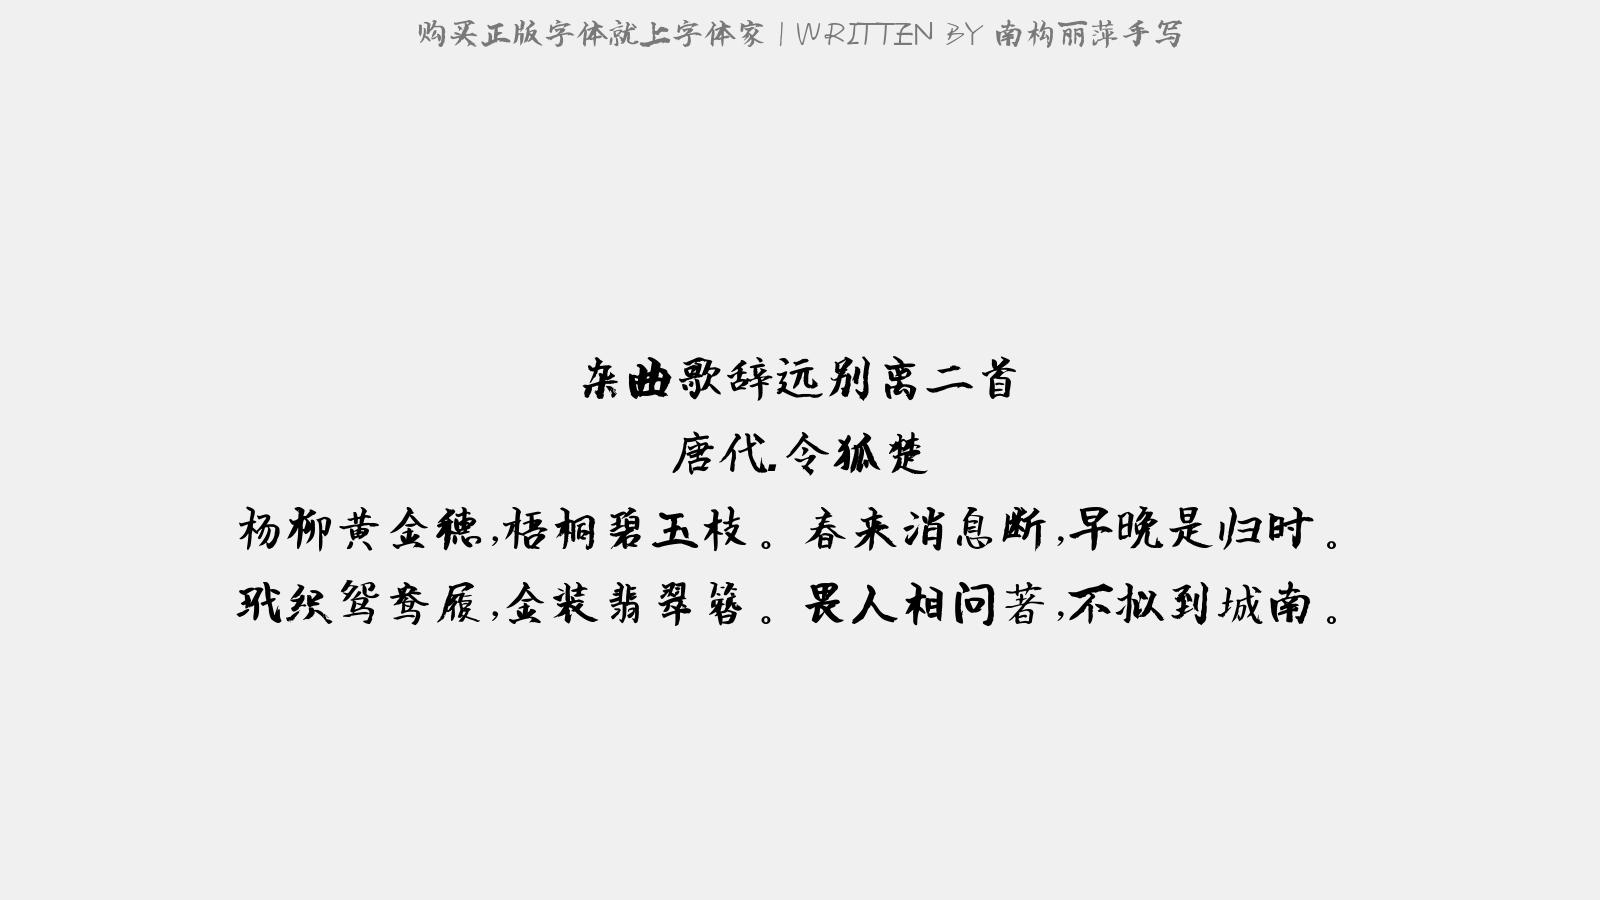 南構麗萍手寫 - 清平樂(呈昌父,時仆以病止酒,昌父日作詩數遍,末章及之)